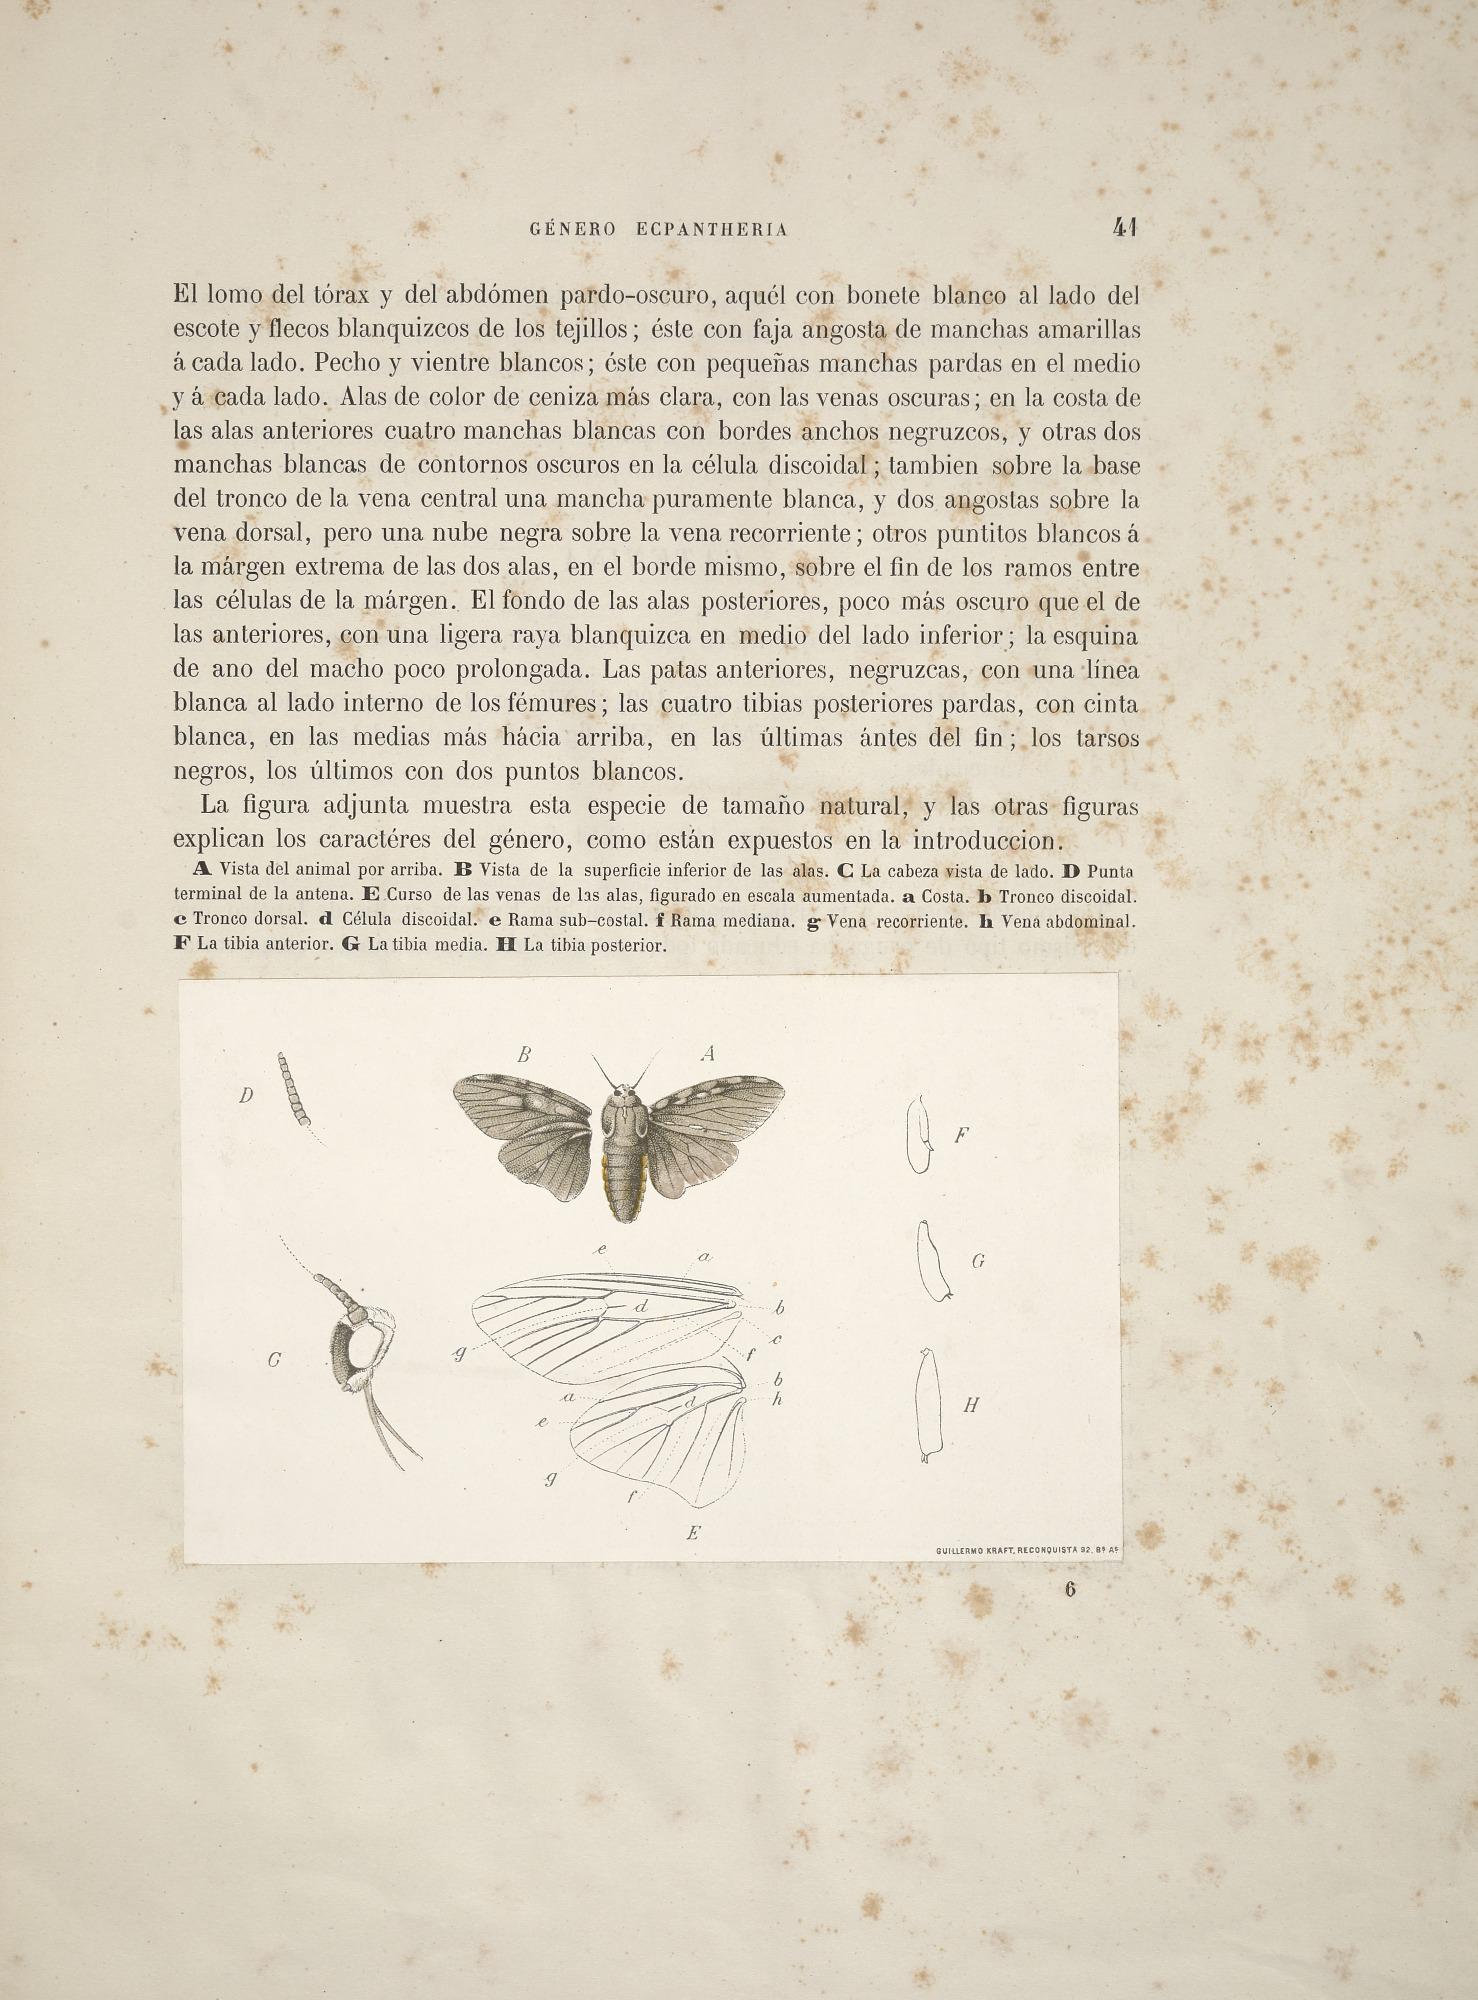 Anatomy Of Genus Of Moth Ecpantheria A Junior Synonym For